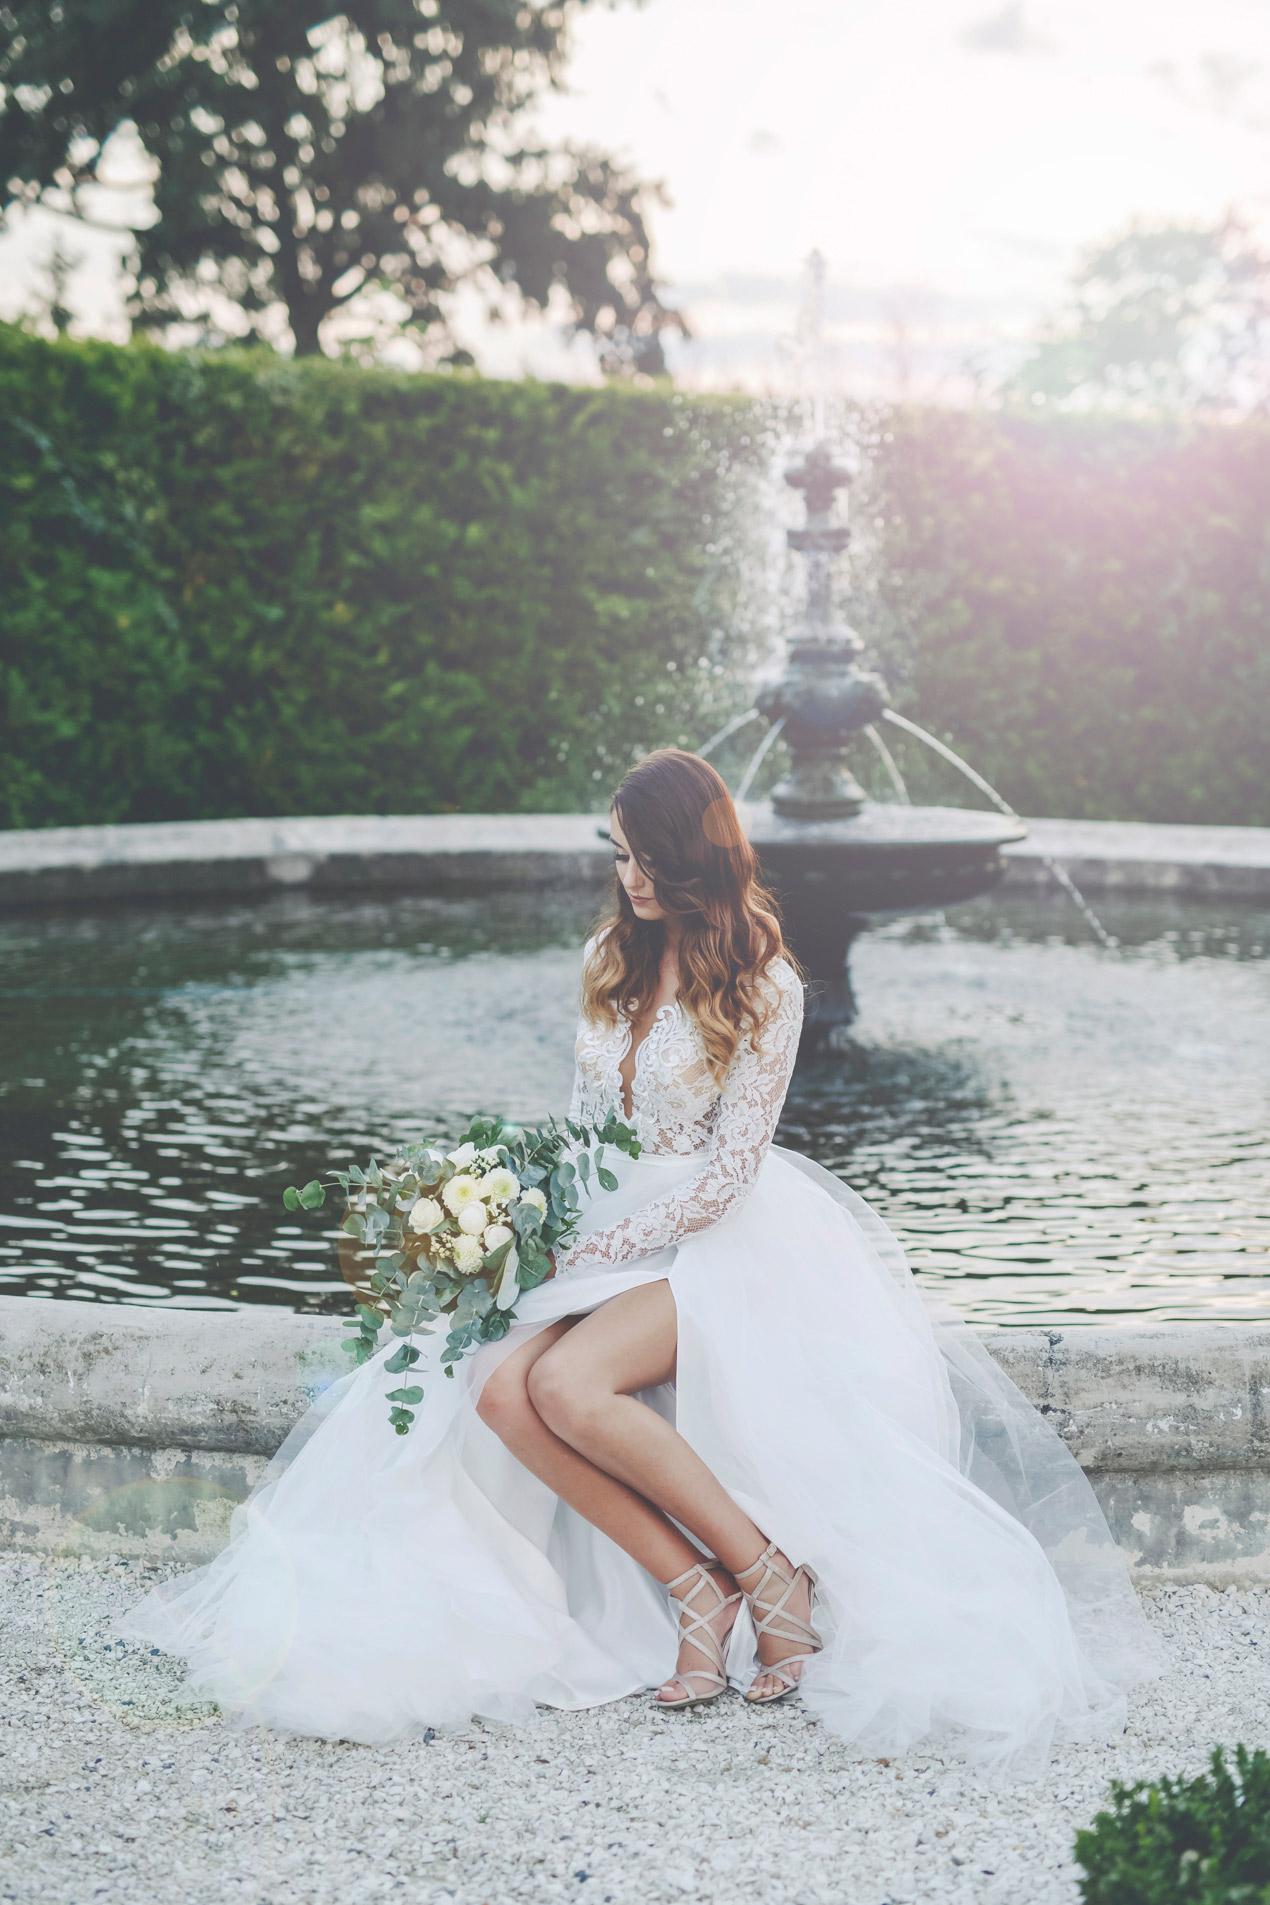 fotografia ślubna plener w dniu ślubu